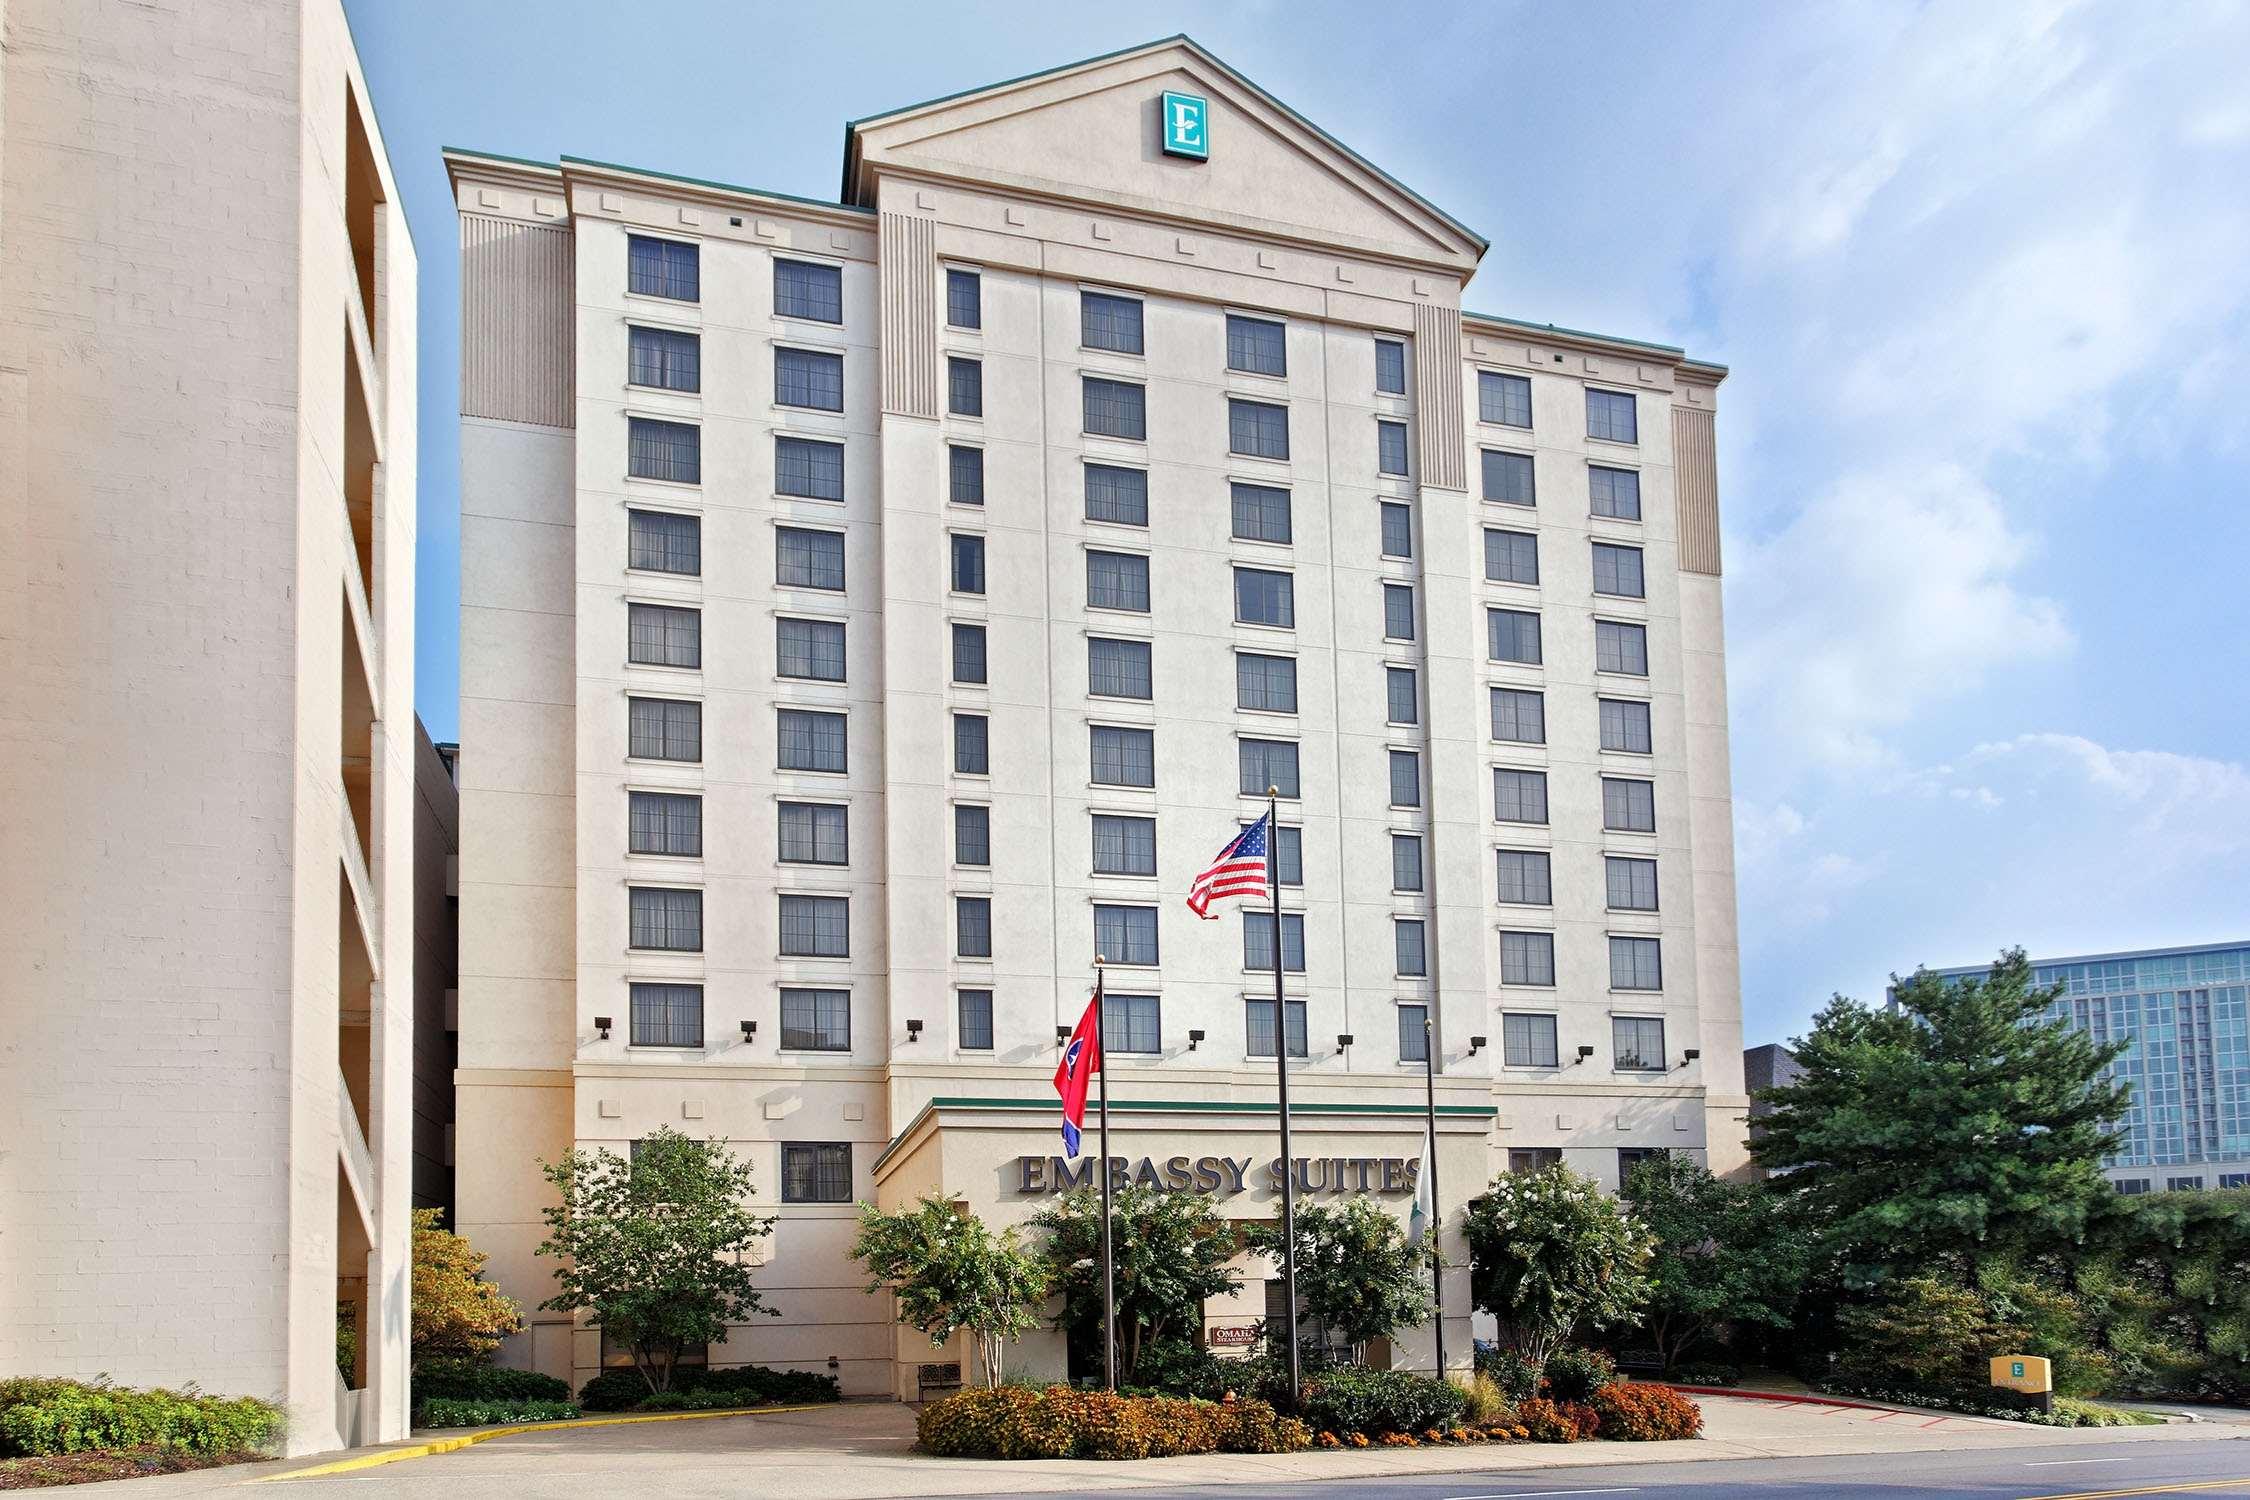 Embassy Suites by Hilton Nashville at Vanderbilt image 0